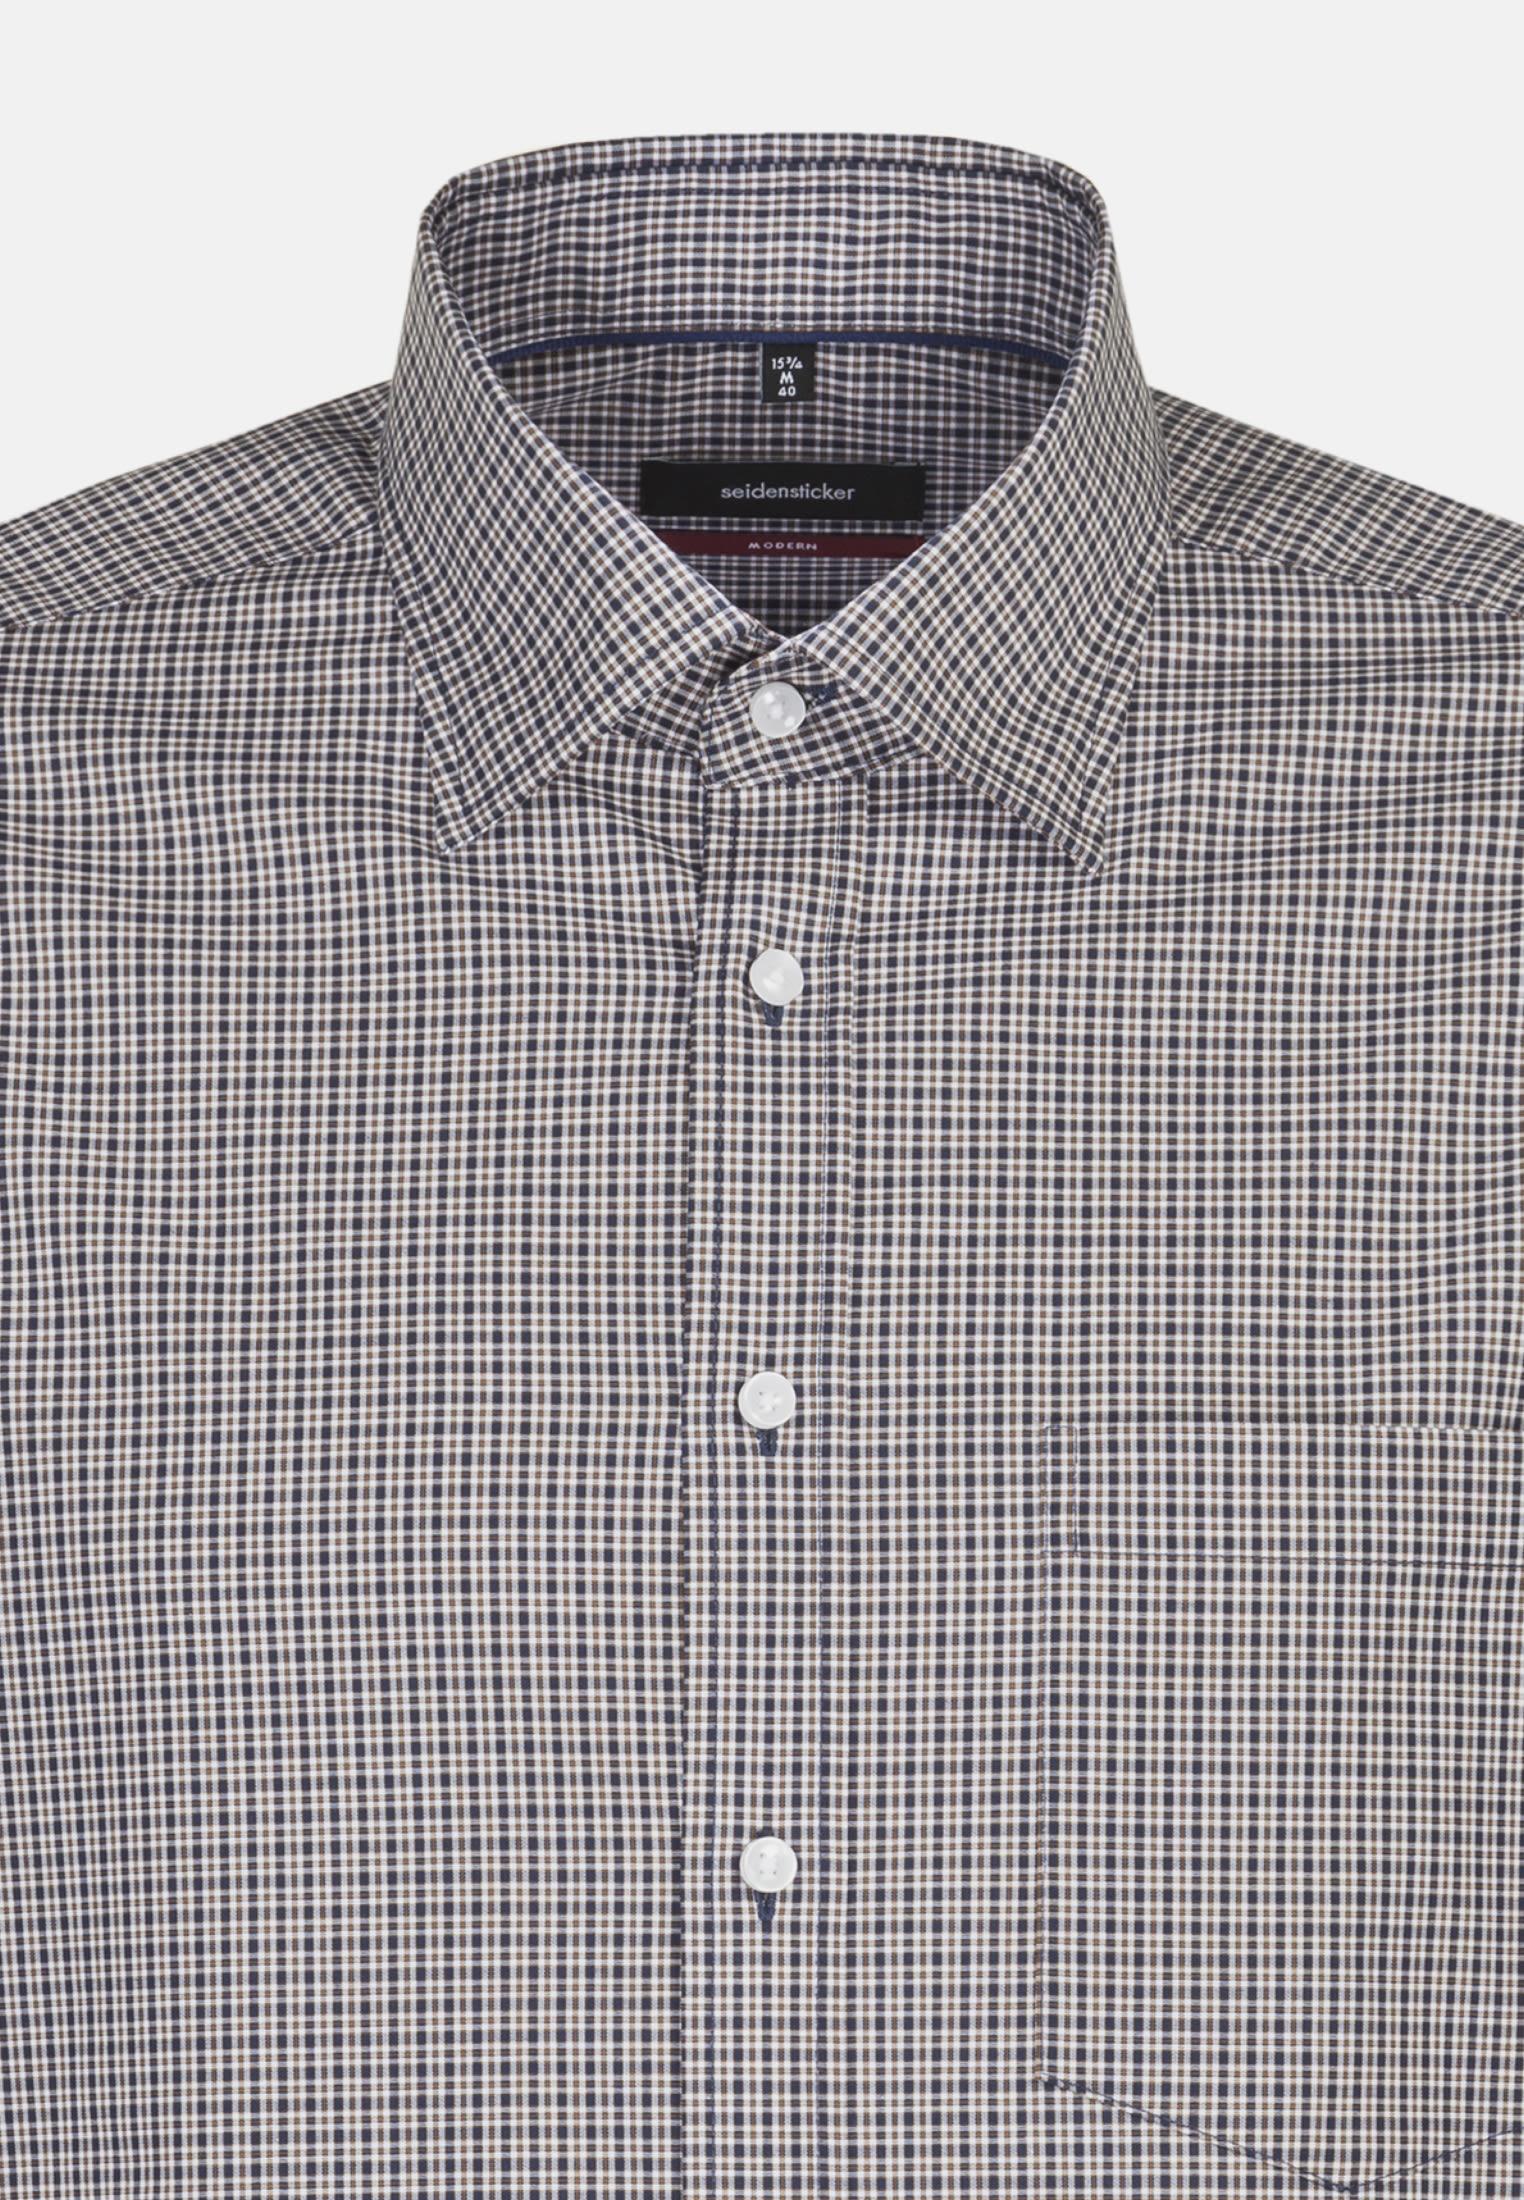 Bügelfreies Popeline Business Hemd in Regular mit Covered-Button-Down-Kragen in Braun |  Seidensticker Onlineshop